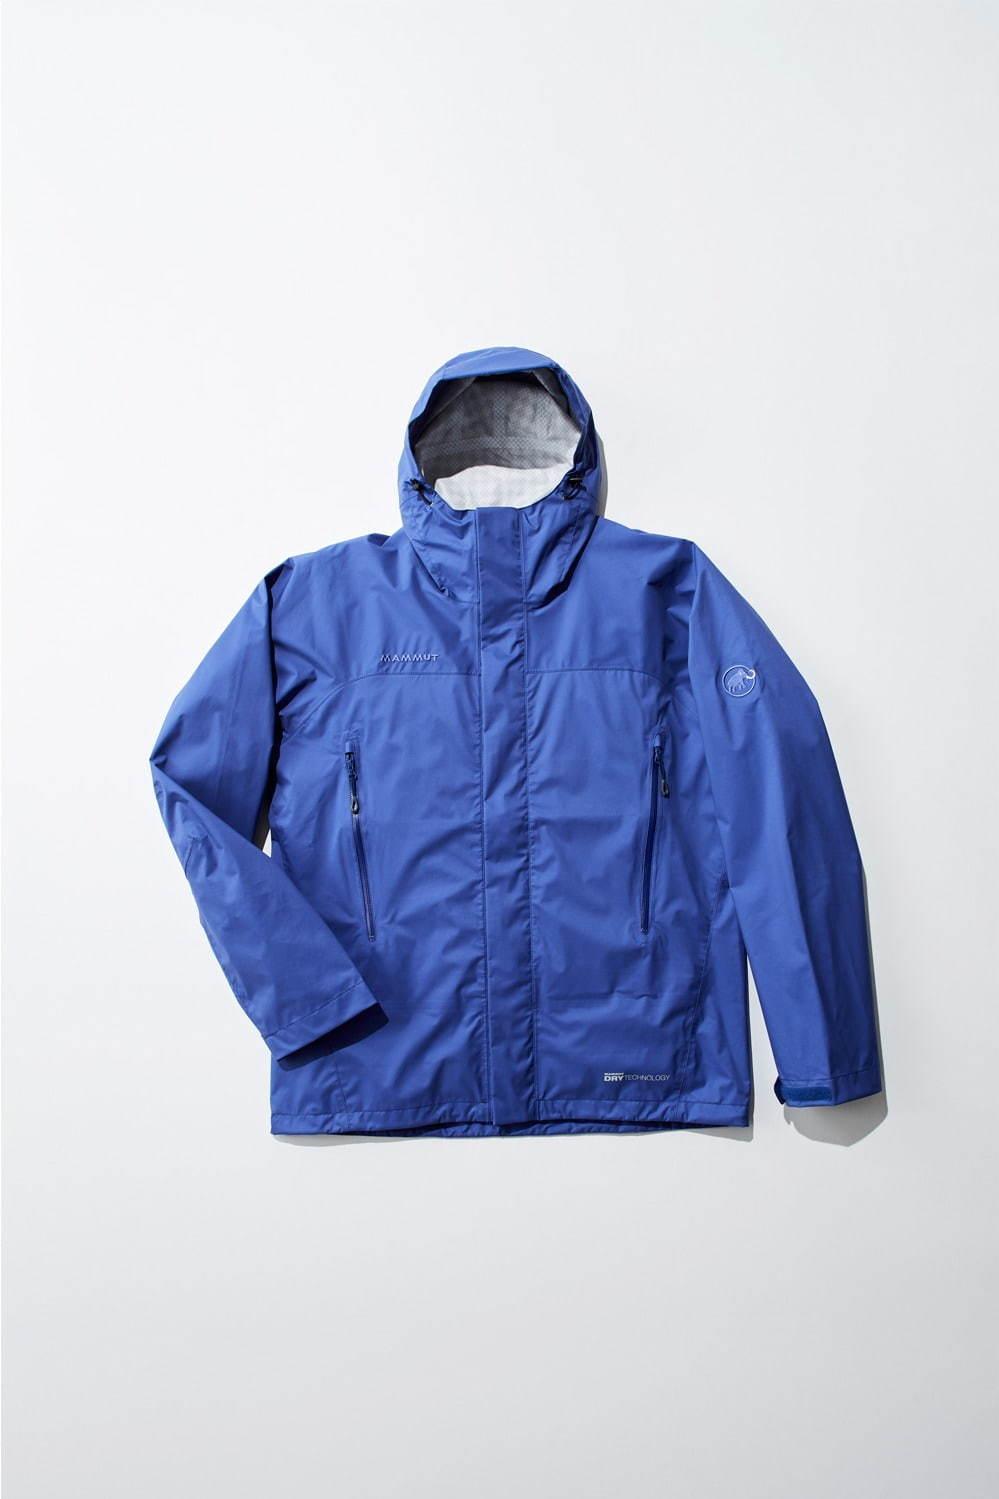 マイクロレイヤー ジャケット(サーフ) 24,000円+税